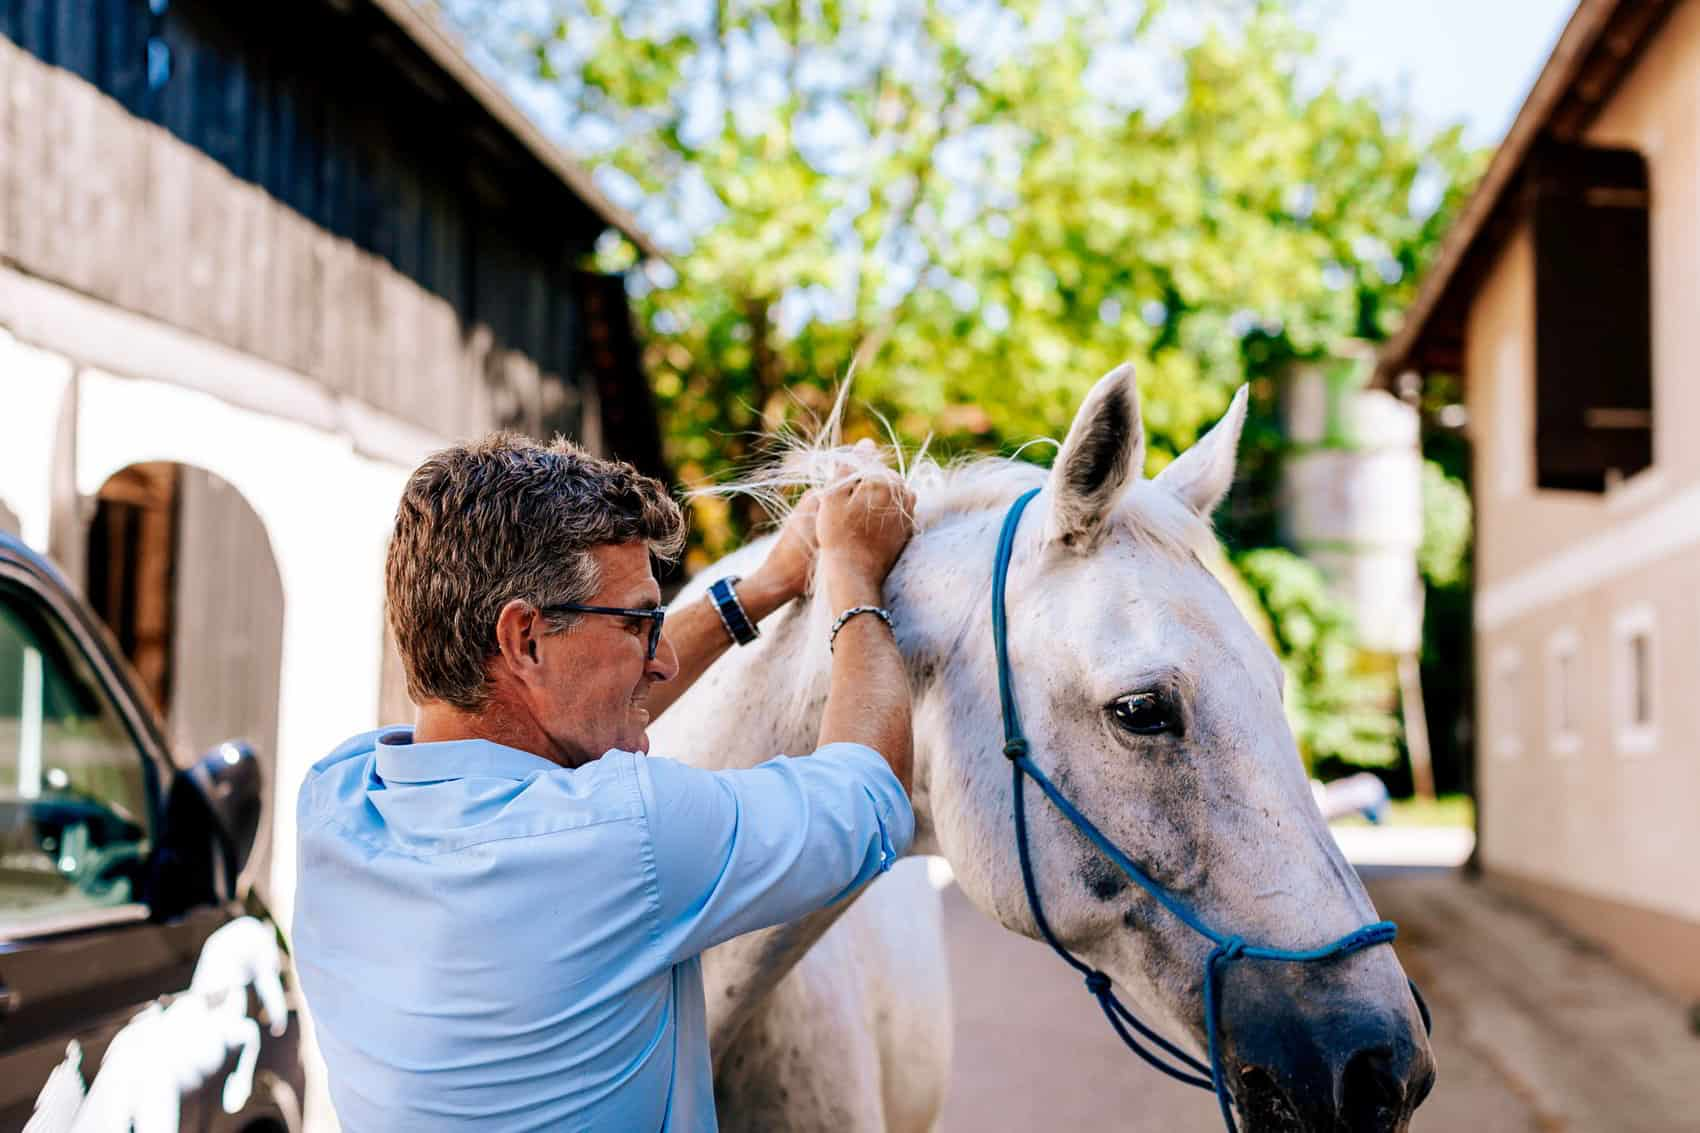 pferdesportpraxis-tierarzt-dr-matthias-keller-pferdespezialist-orthopaedische-und-manuelle-medizin-fuer-pferde-faszientherapie-chiropraktik-akupunktur-cft-prp-irap-chirofaszial-Zylinder